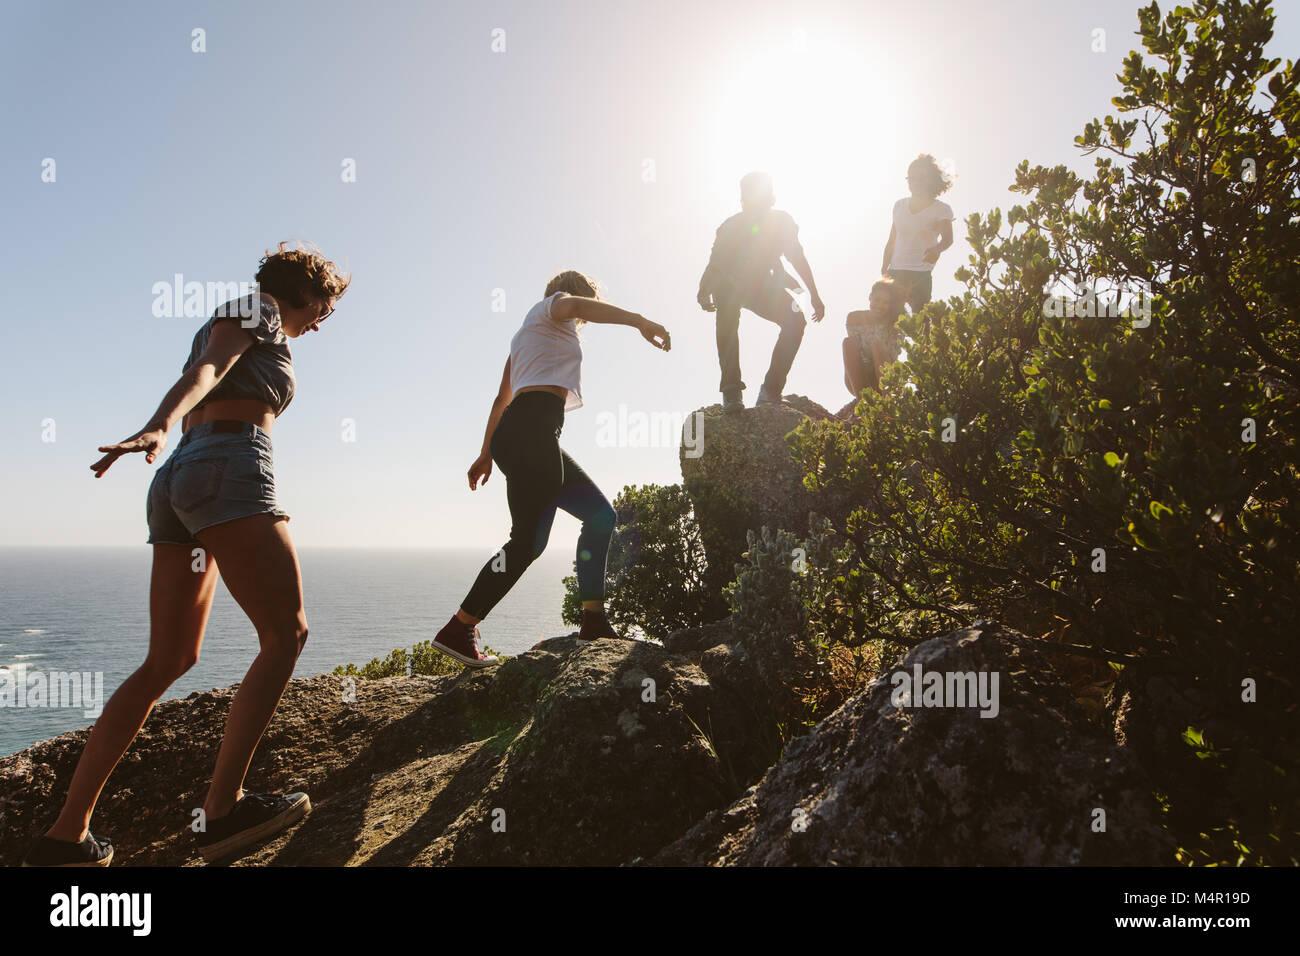 Gruppo di amici su una montagna. I giovani sulla montagna escursione su di un giorno d'estate. Gli uomini e Immagini Stock